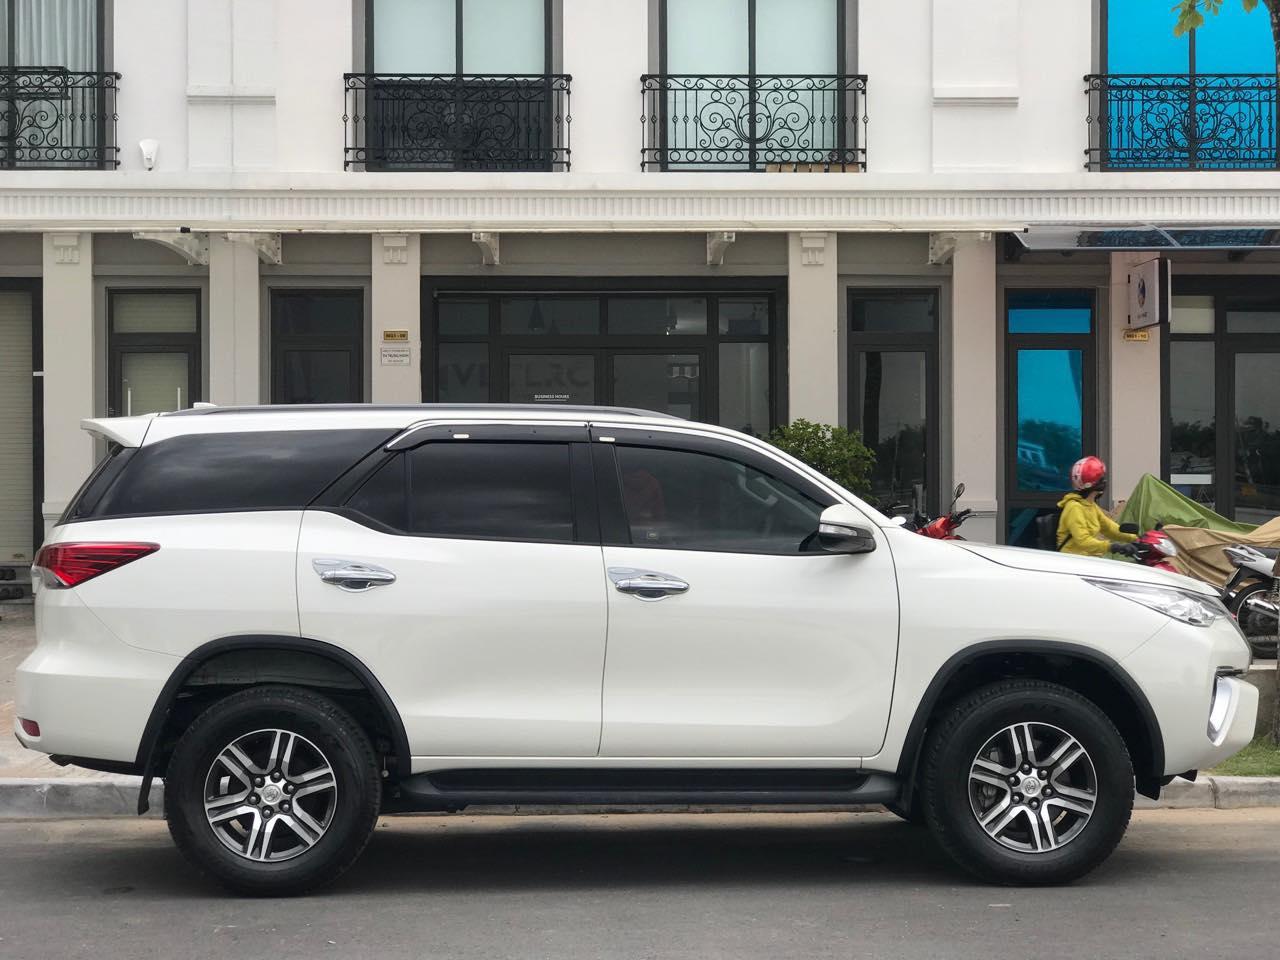 Bật mí bí quyết chọn công ty cho thuê xe 7 chỗ tại quận Bình Thạnh